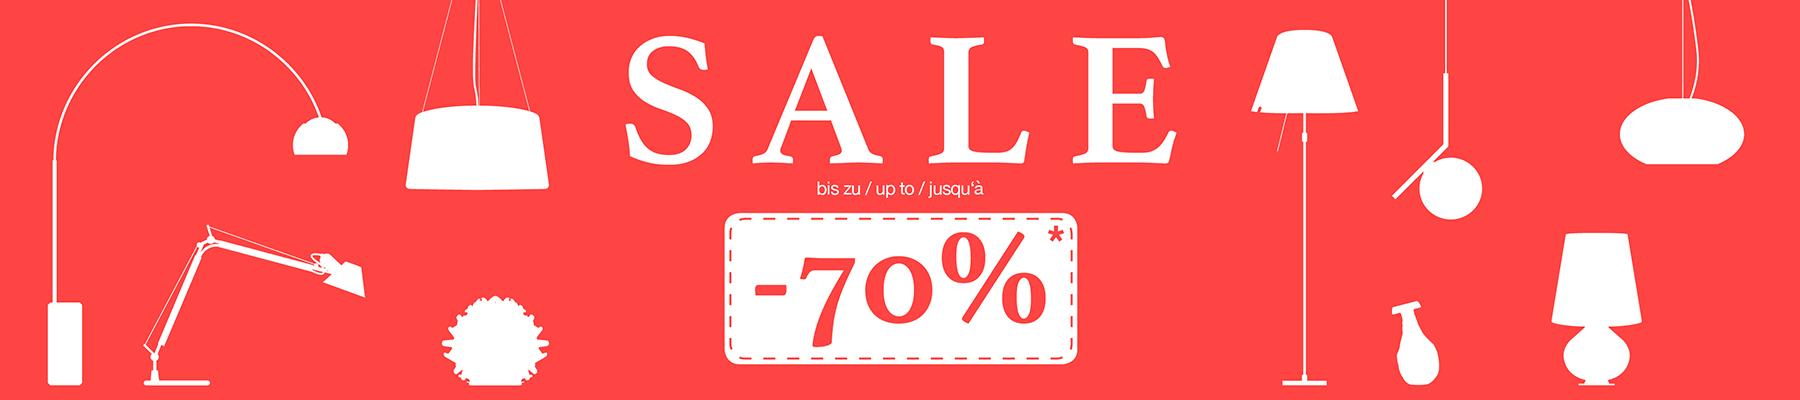 Offres -70%